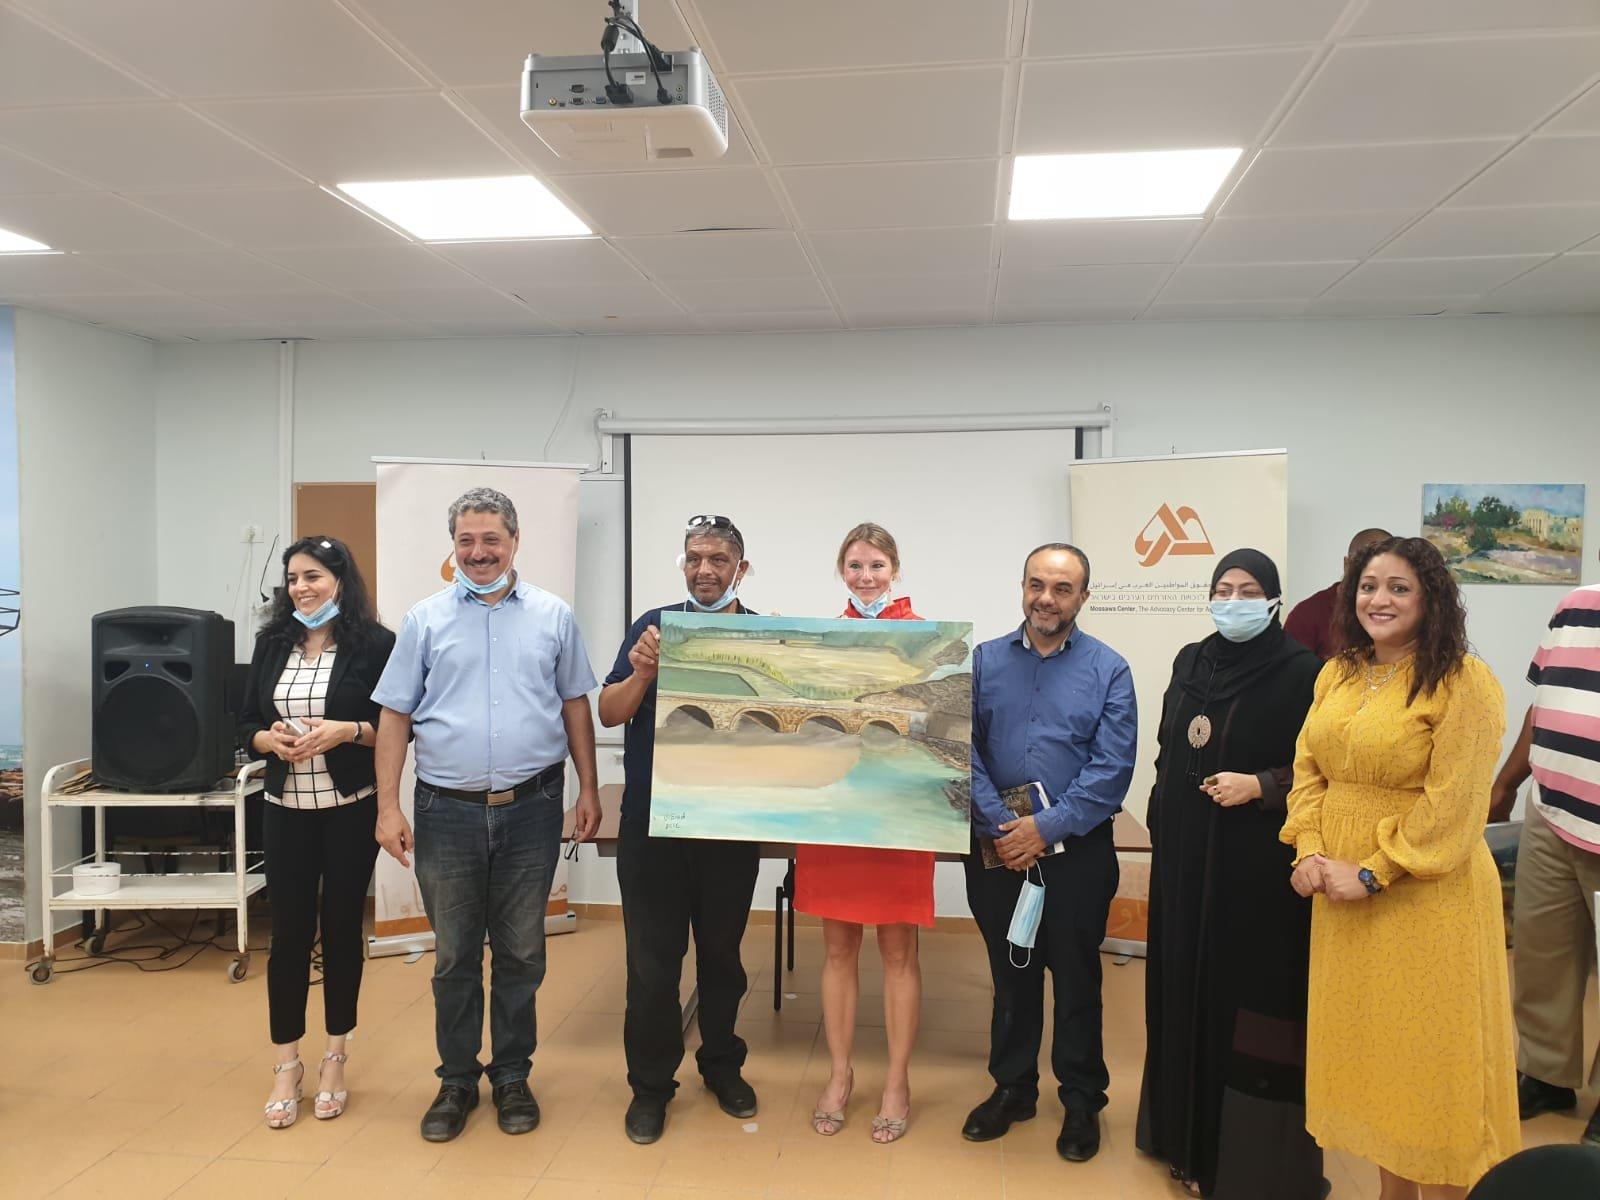 تقديم 12 رسمة للمؤسسات التربوية واقسام المجلس المحلي بقرية جسر الزرقاء